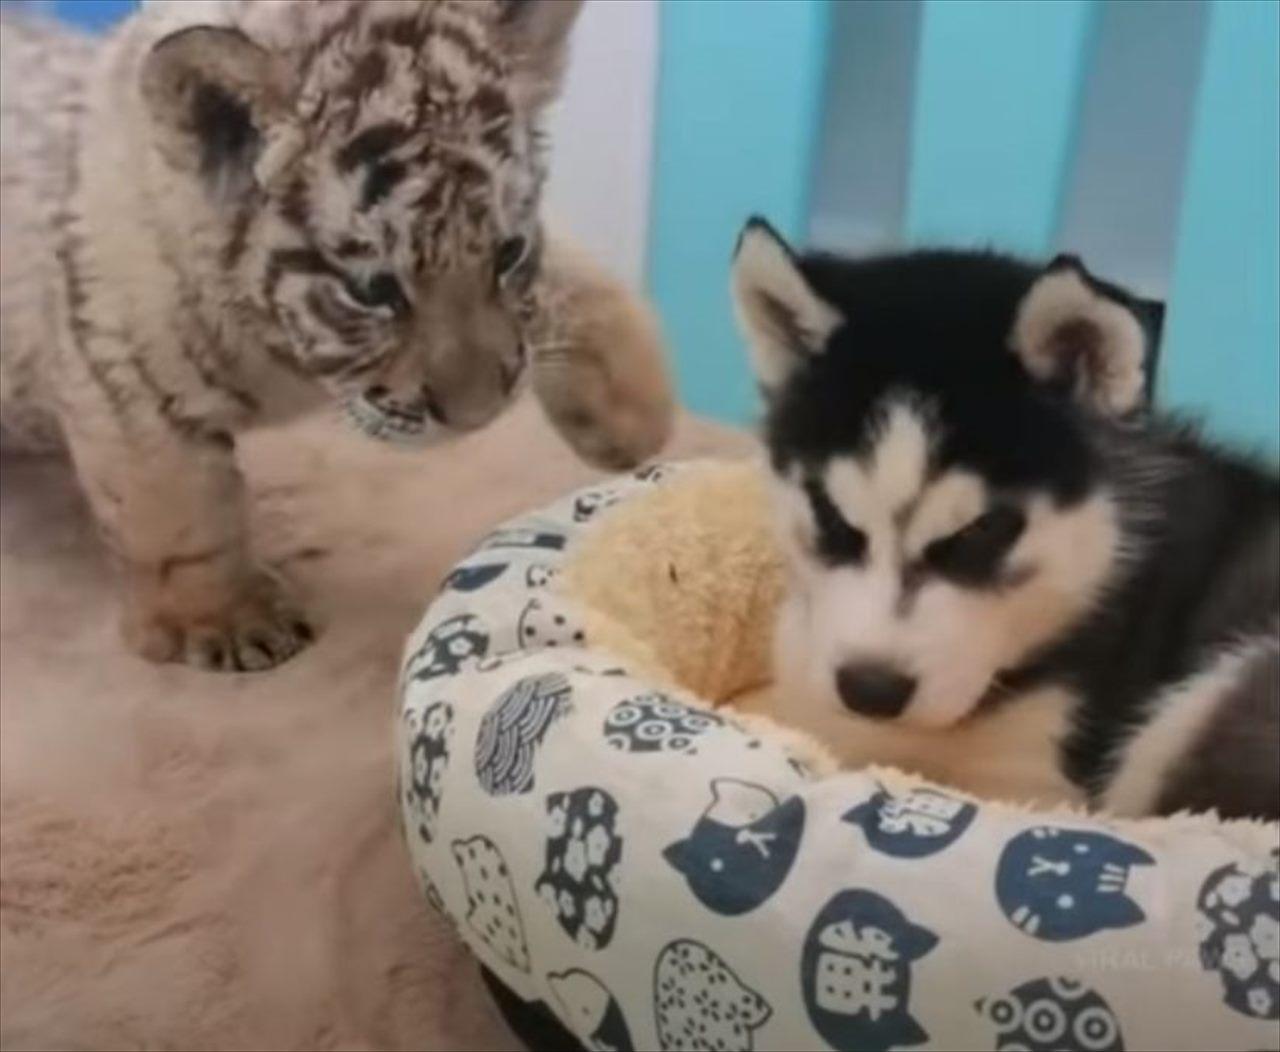 【異種の友情】ハスキーの子犬とトラの赤ちゃんがモフモフ戯れる様子が可愛すぎる!